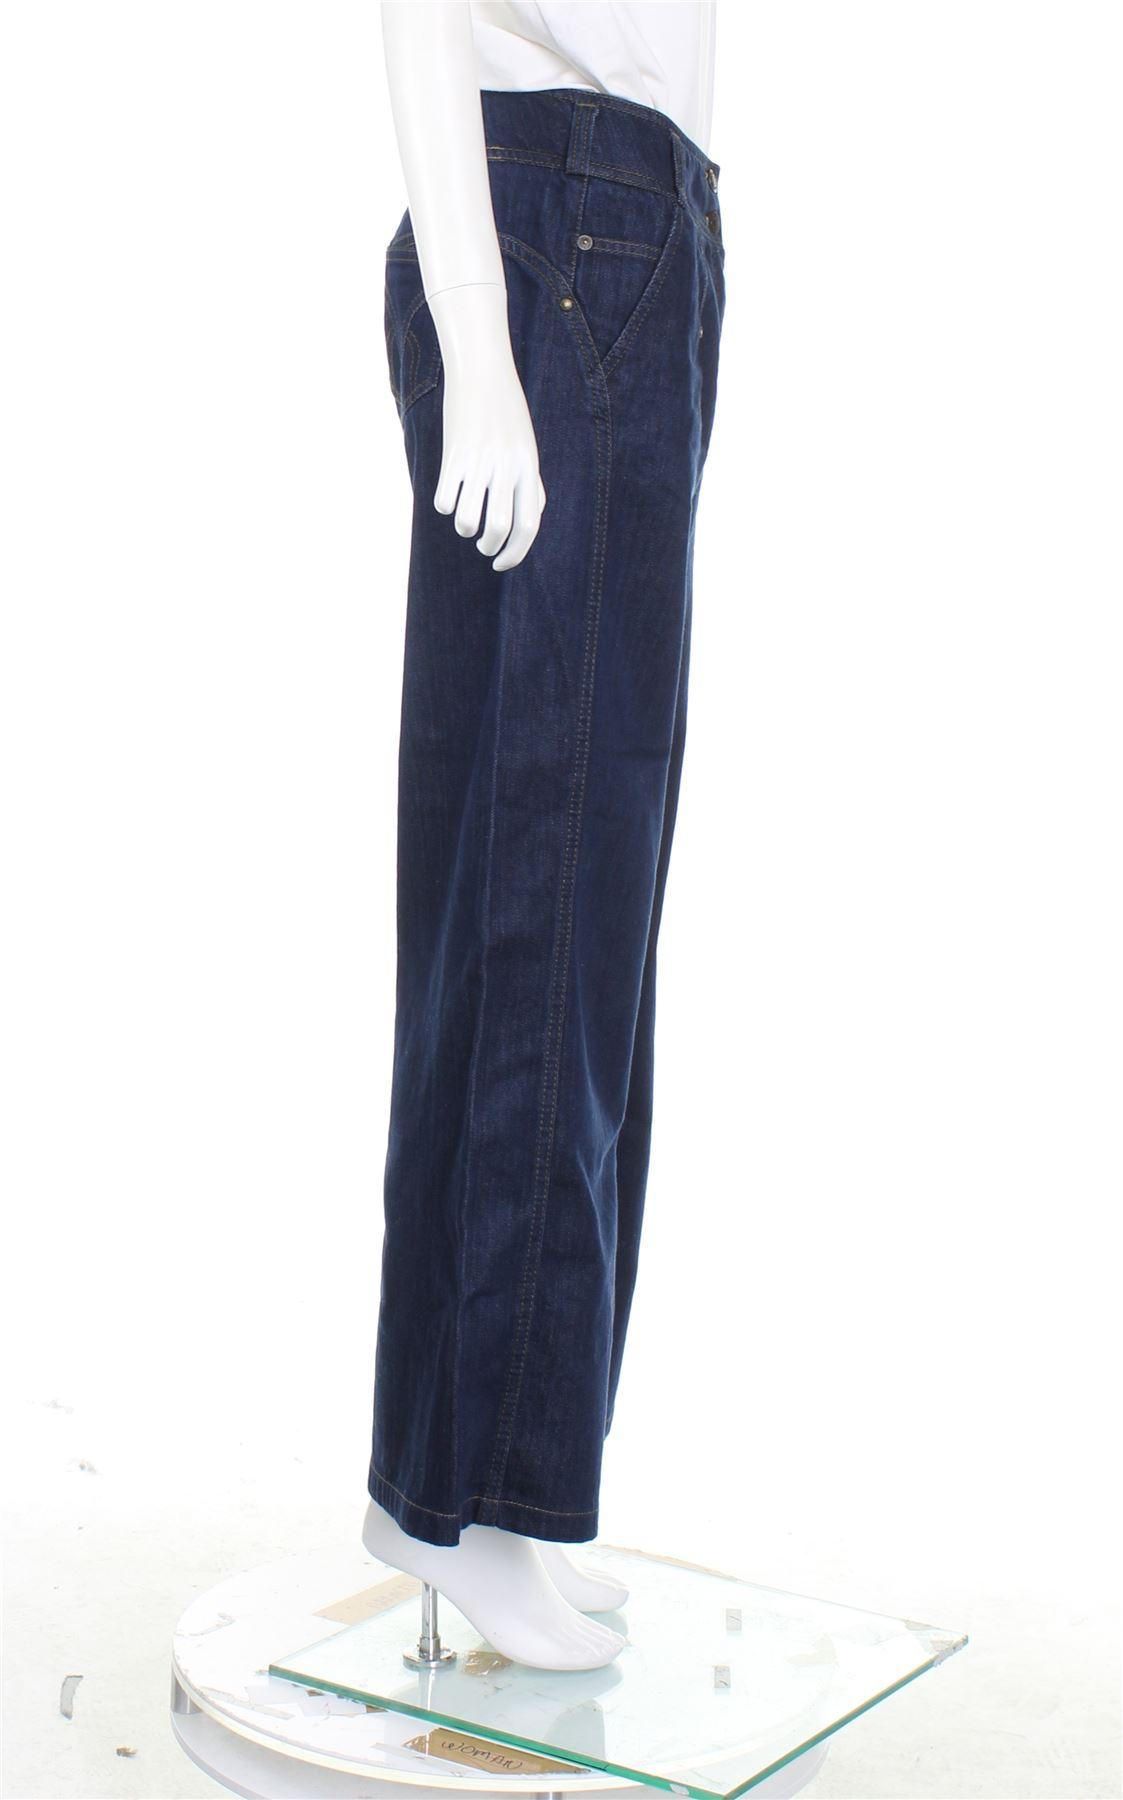 46d01d28 KENZO Navy Blue Denim Wide Leg Jeans, UK 10 US 6 EU 38 4 4 sur 4 Voir Plus